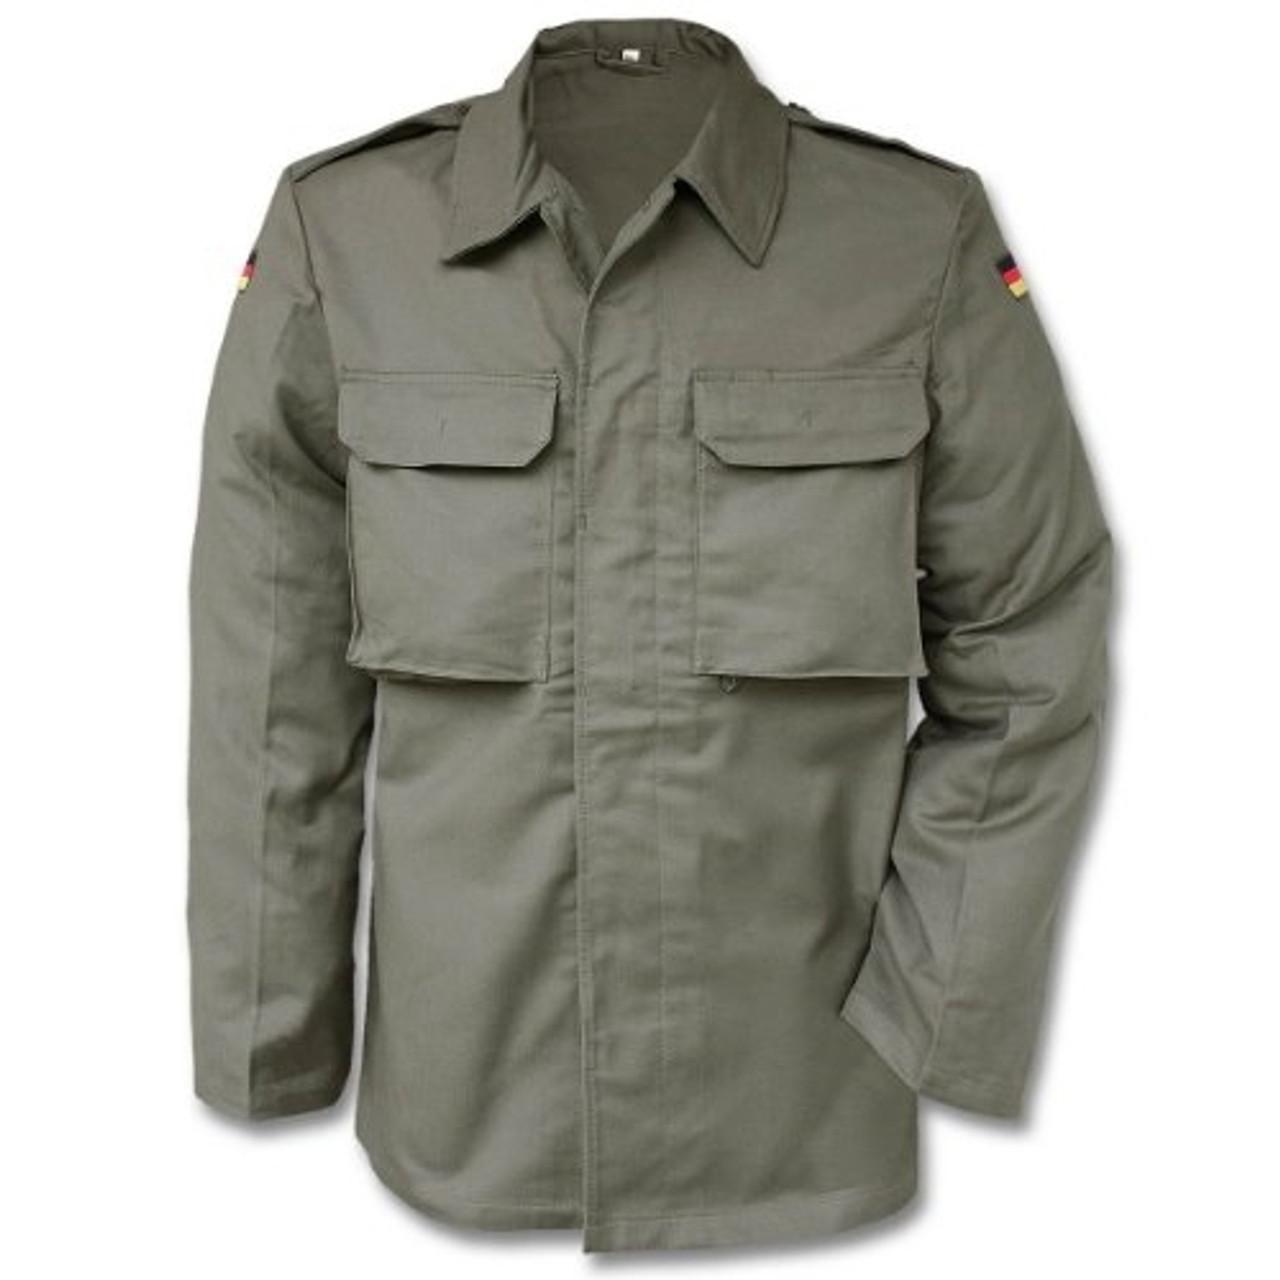 German Moleskin Field Jacket - Used from Hessen Surplus